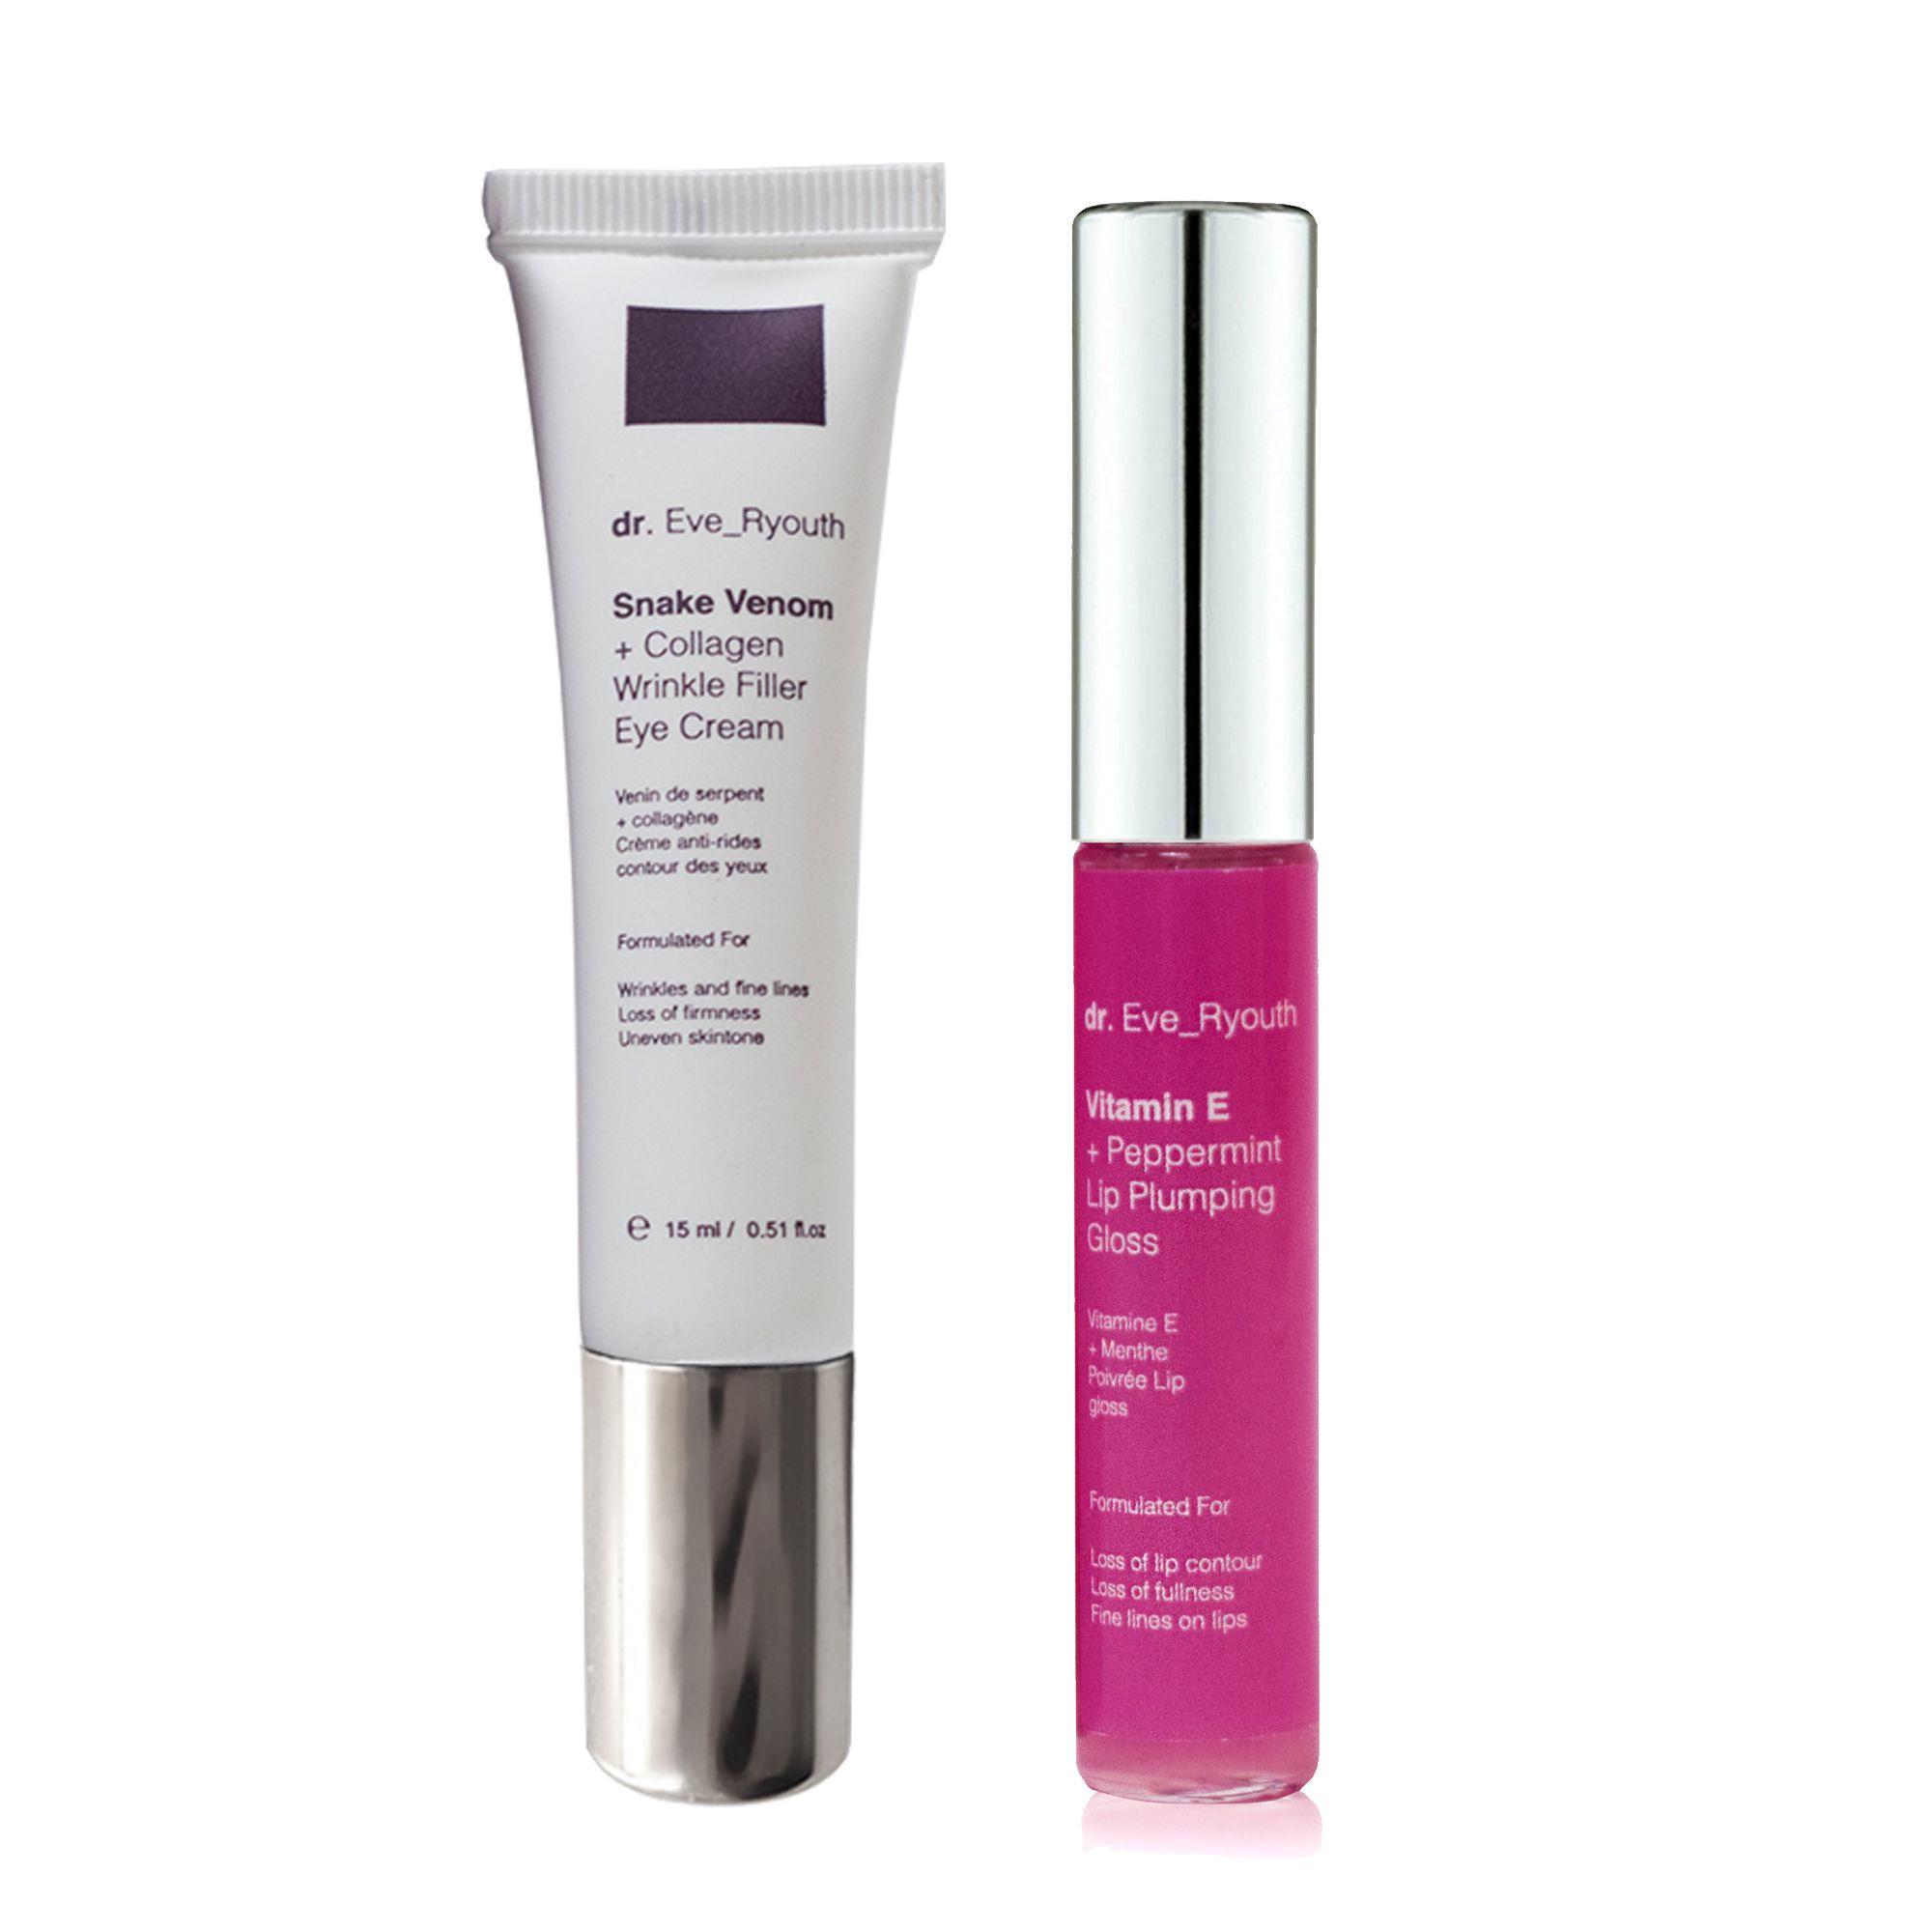 Snake Venom + Collagen Wrinkle Filler Eye Cream 15 + Vitamin E and Peppermint lip Plumps 8ml